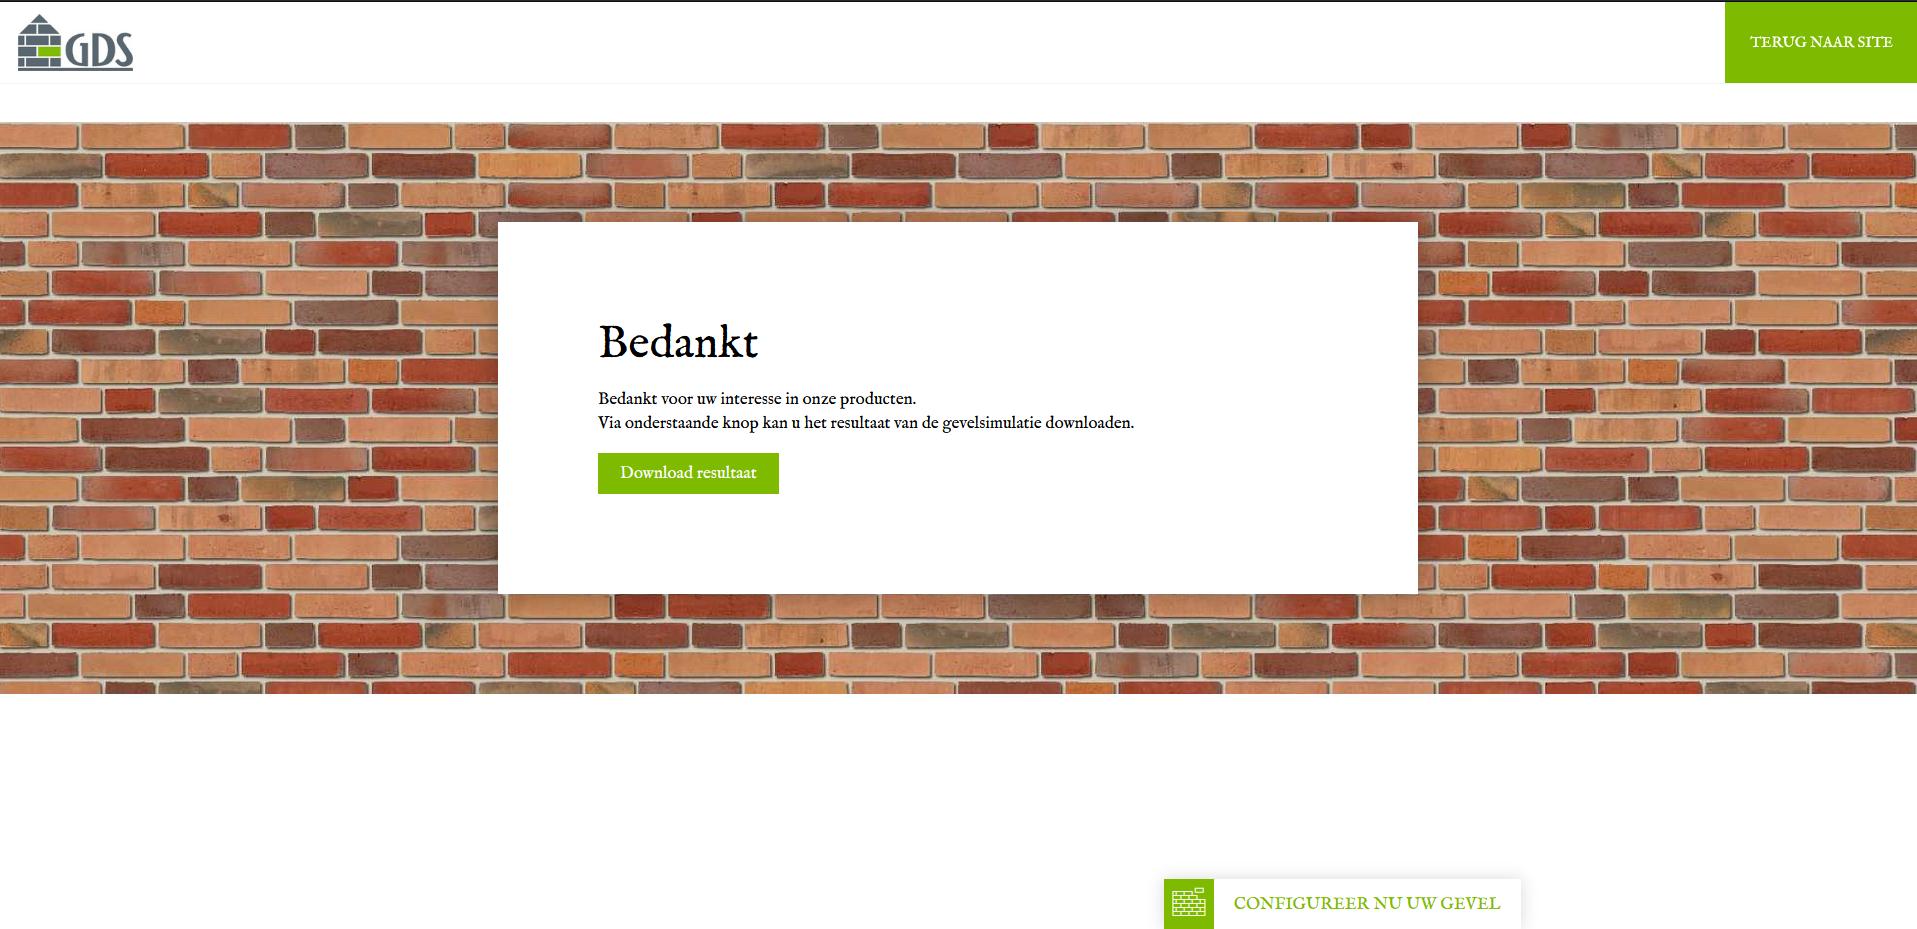 Gevelsimulator_GDS Keramiek_downloadscherm